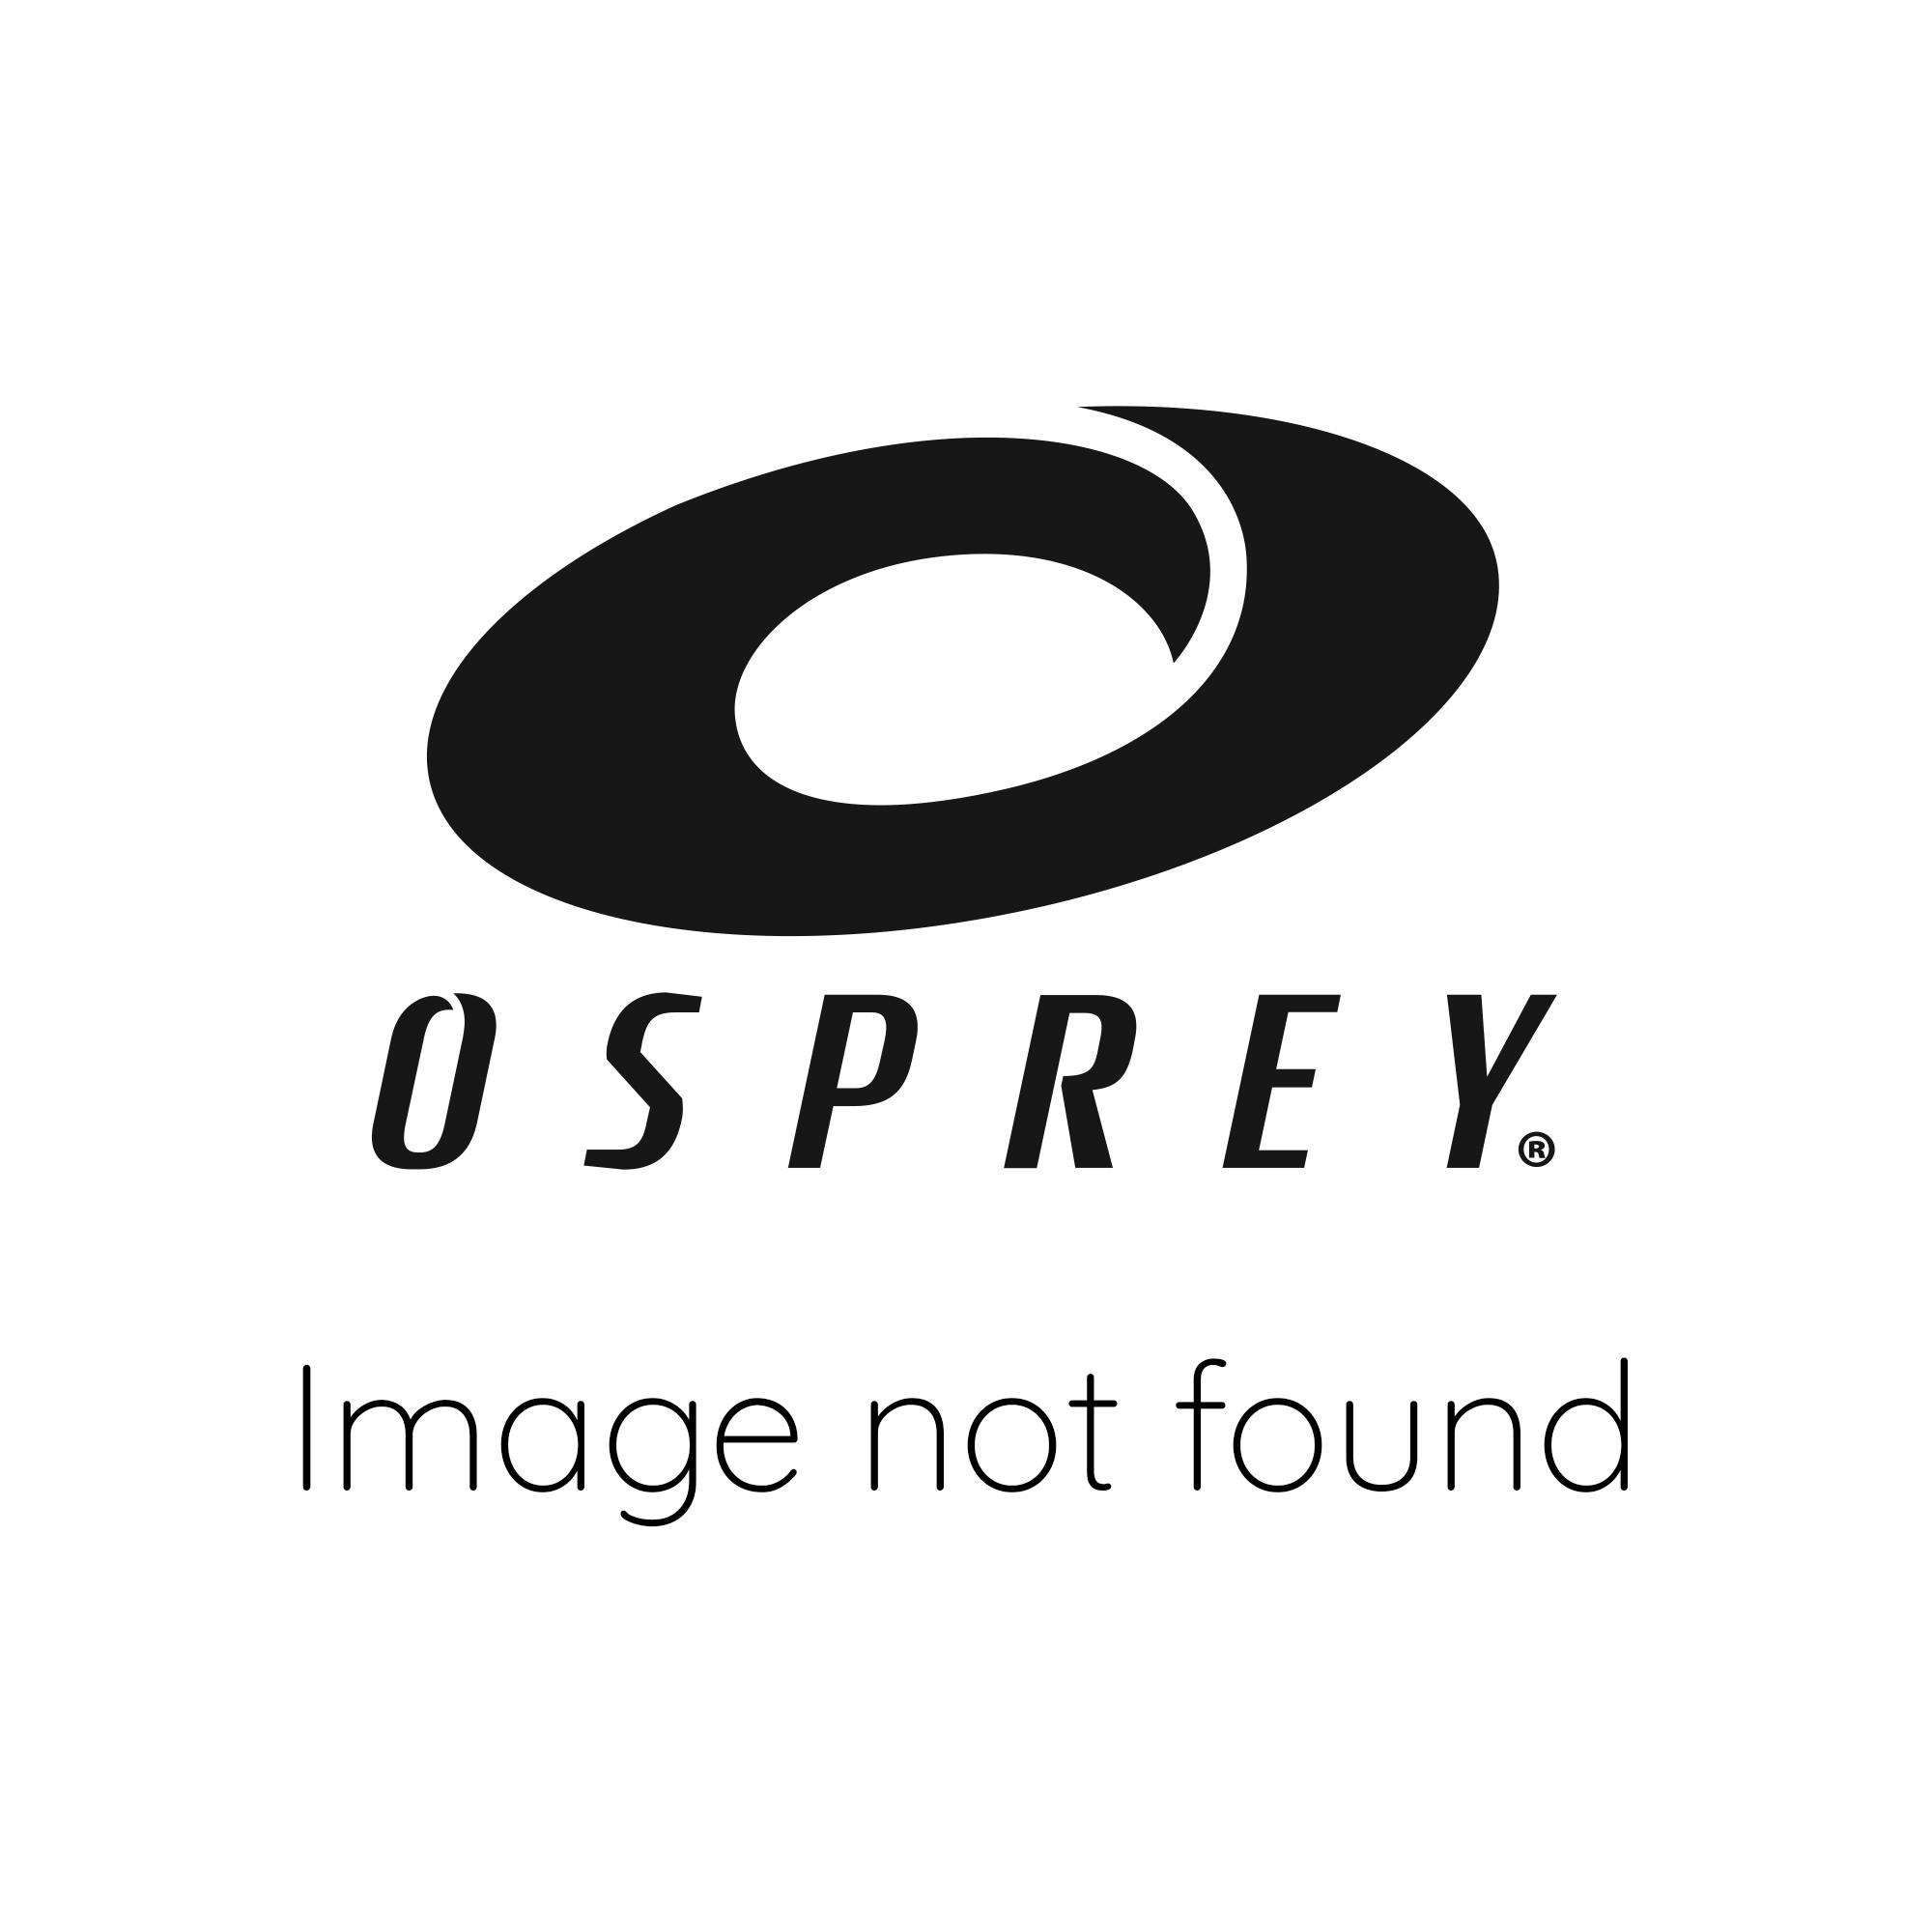 Osprey Adjustable Quad Skates - Pink